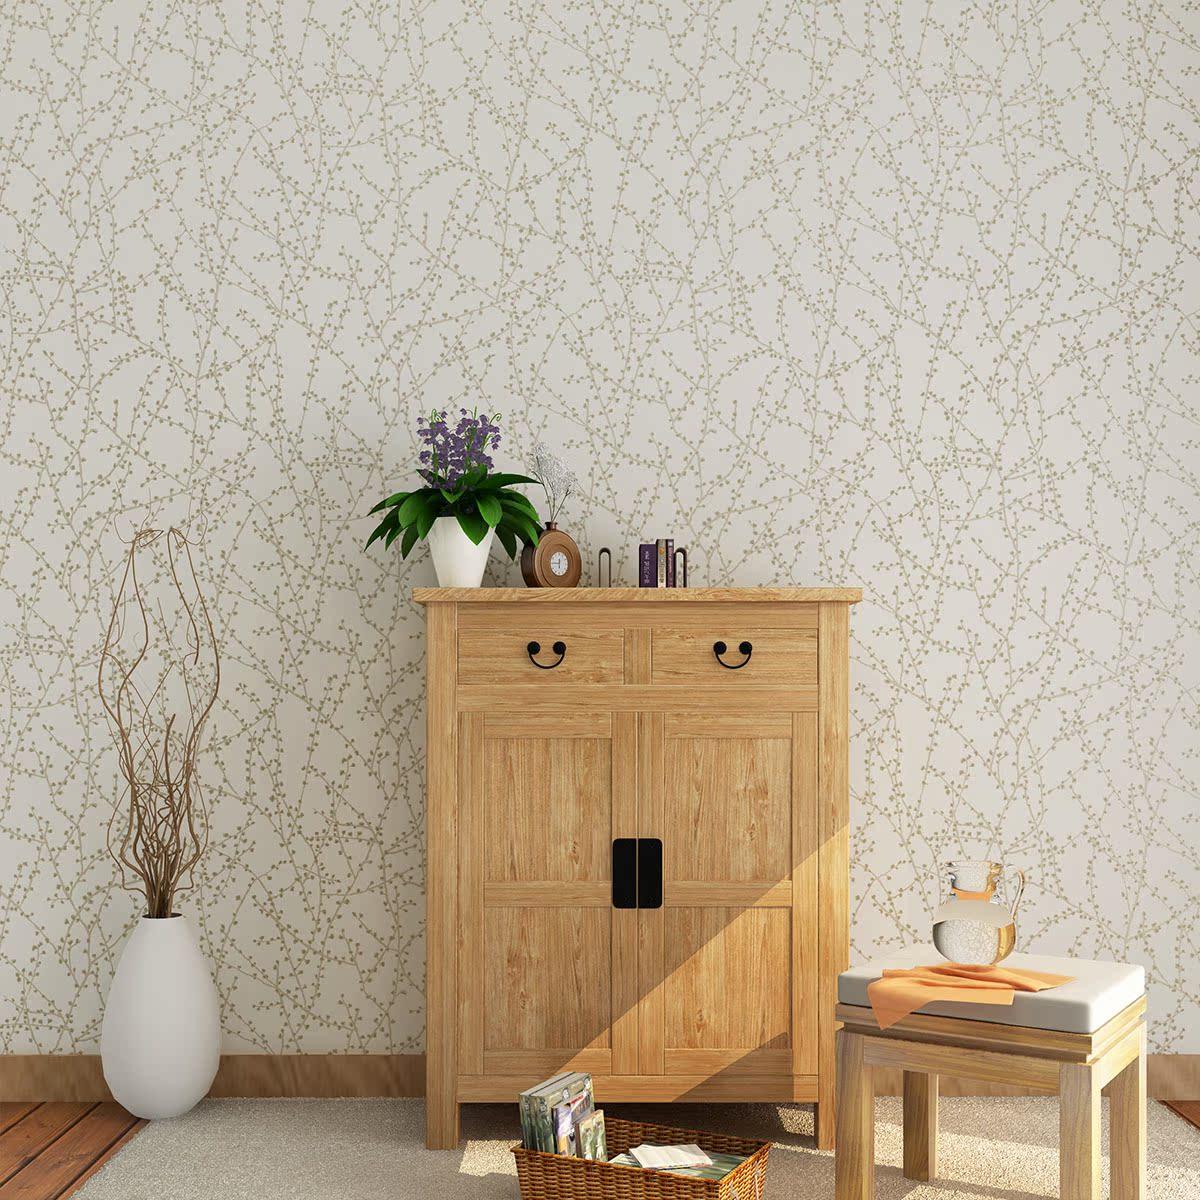 藤格先生 淡雅米灰色梅花图案壁纸现代新中式风格背景图片